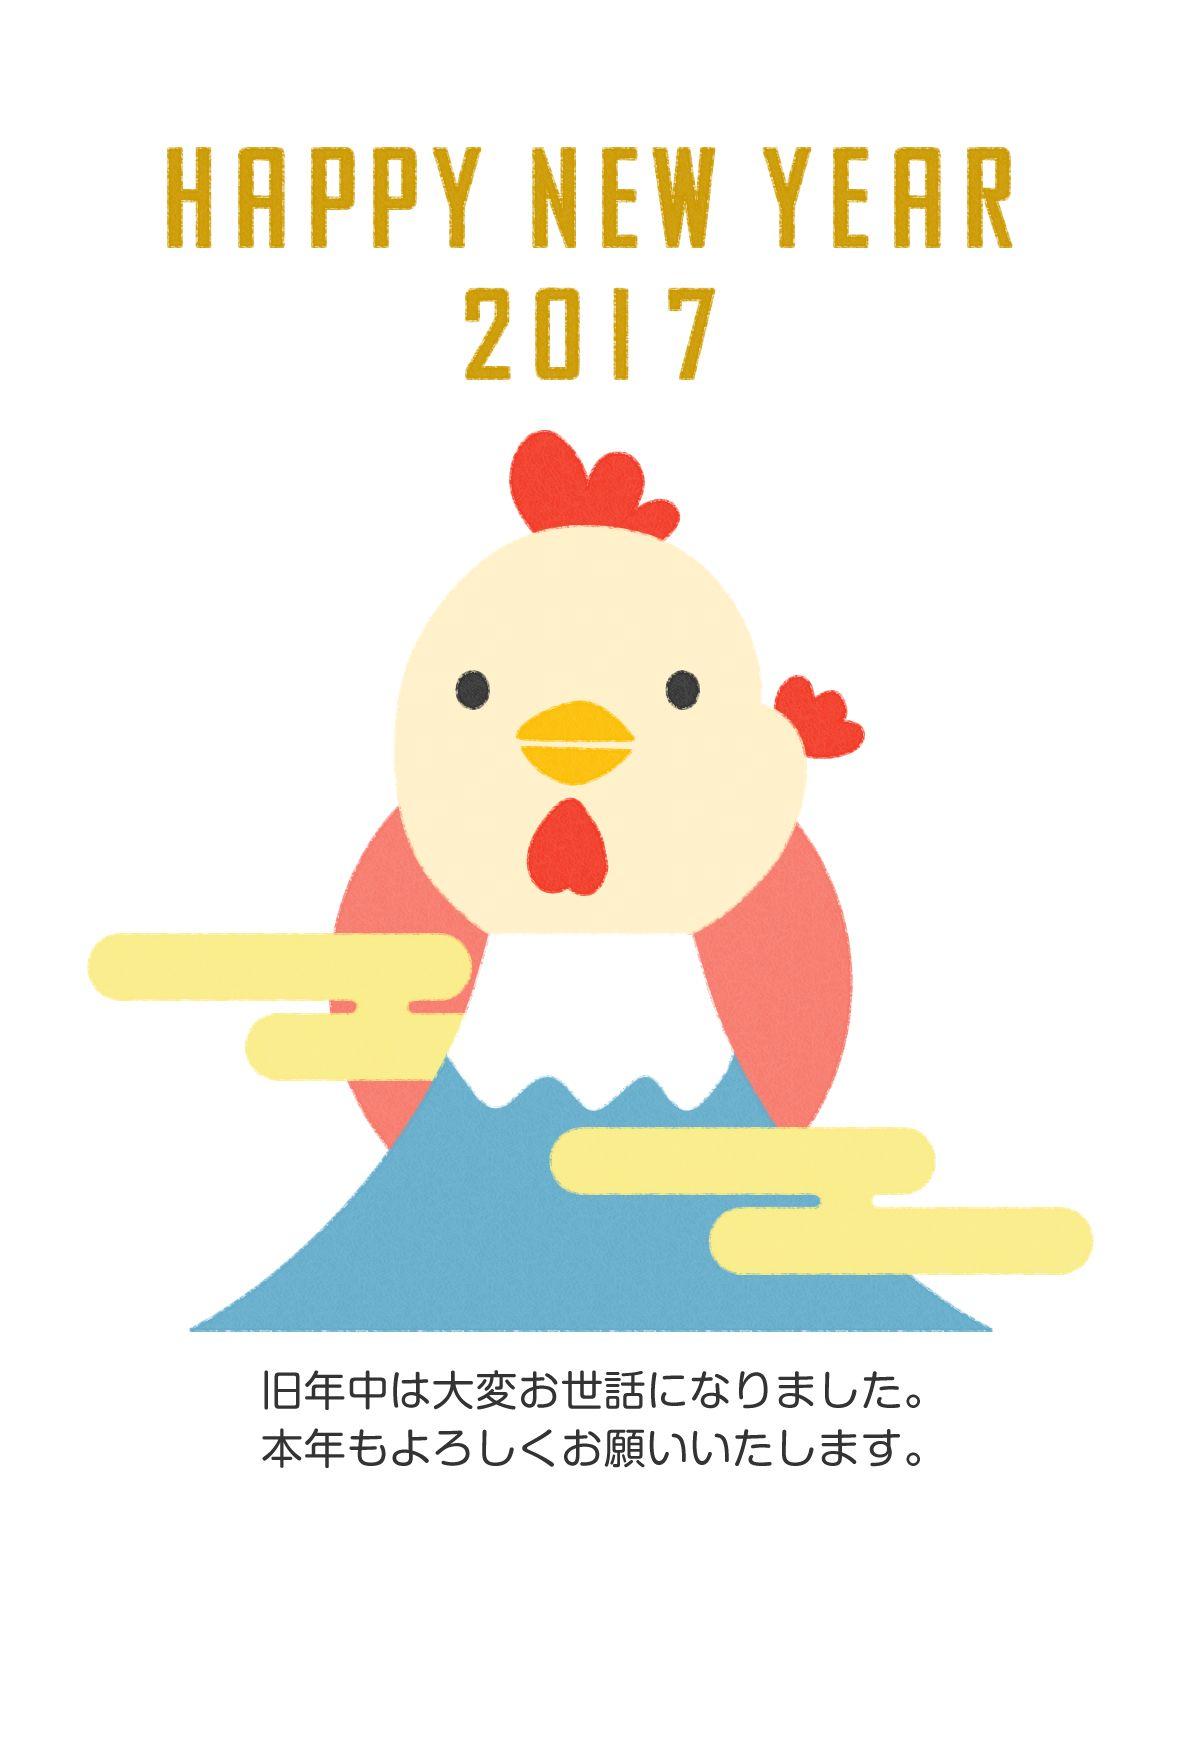 年賀状2017無料テンプレート]かわいいニワトリと富士山 | festival